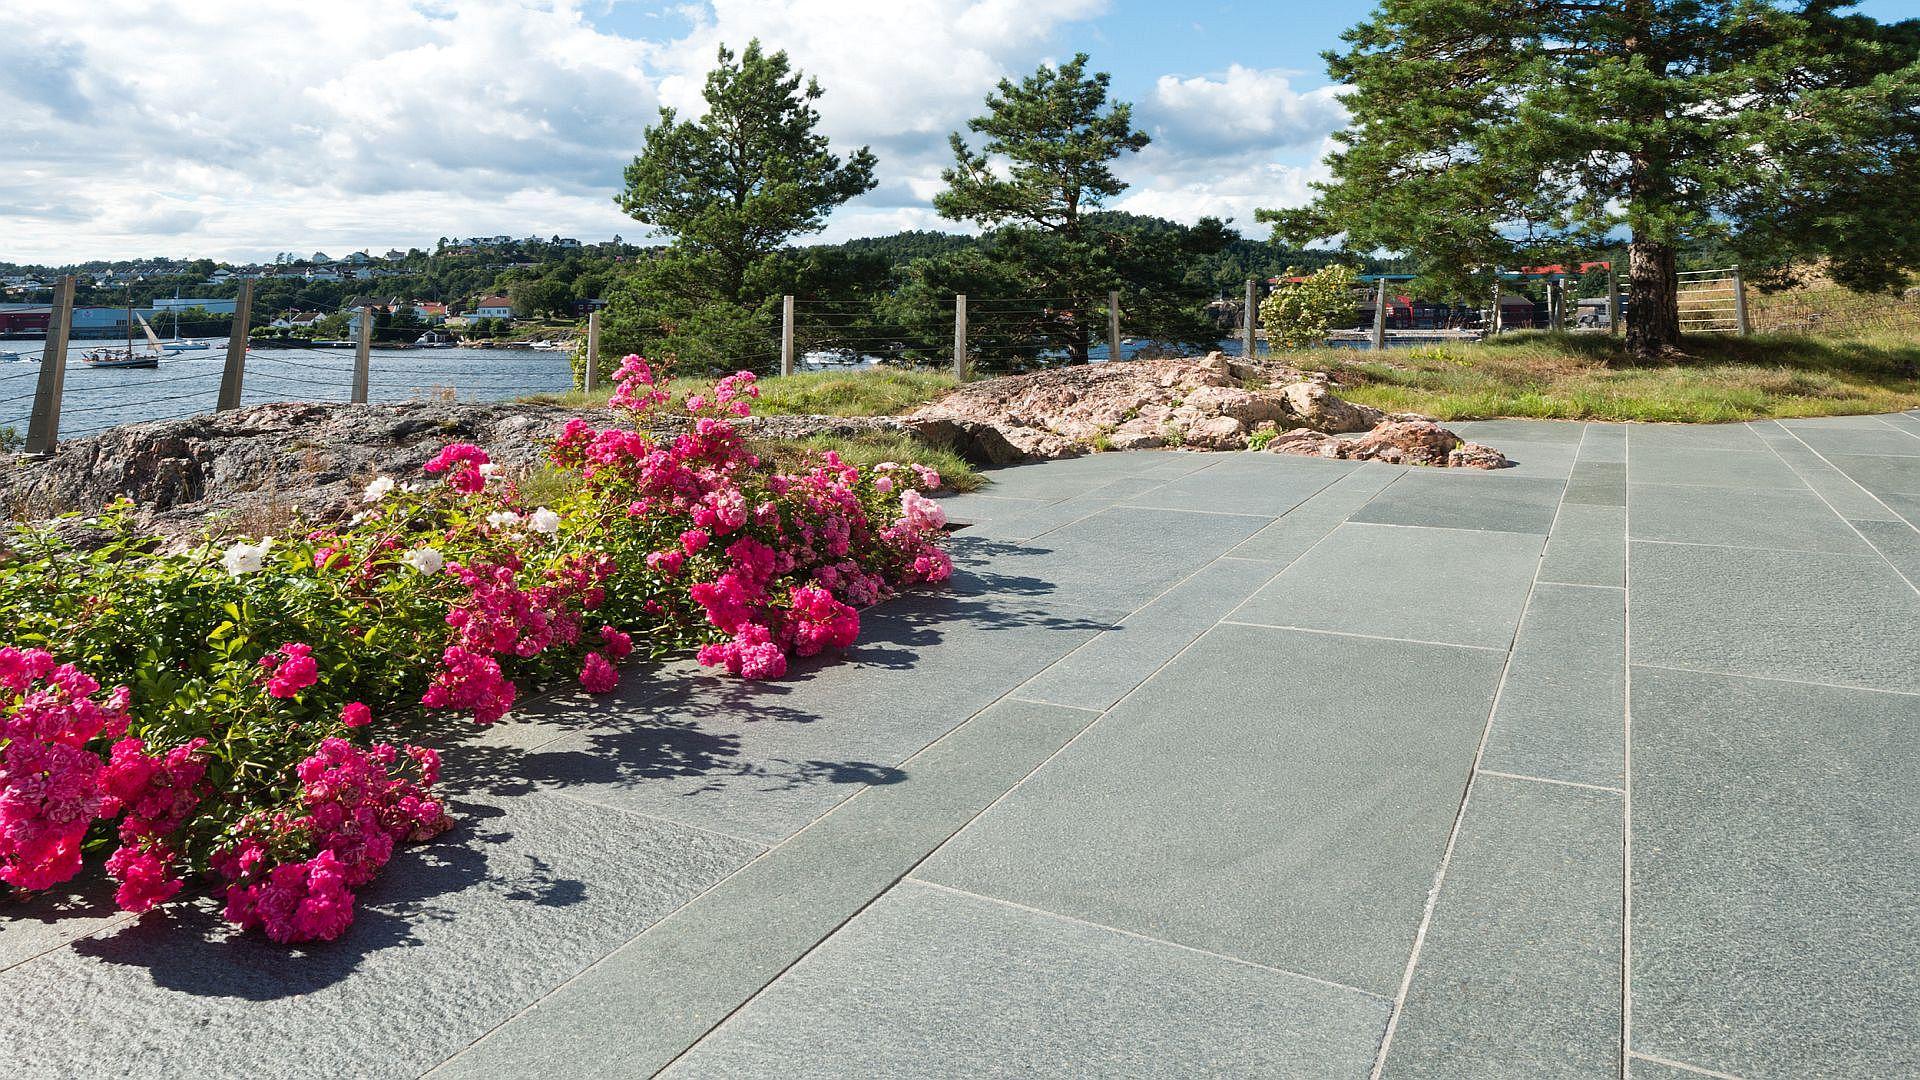 quarzitplatten g nstig billig kaufen in hamburg natursteine terrassenplatten. Black Bedroom Furniture Sets. Home Design Ideas